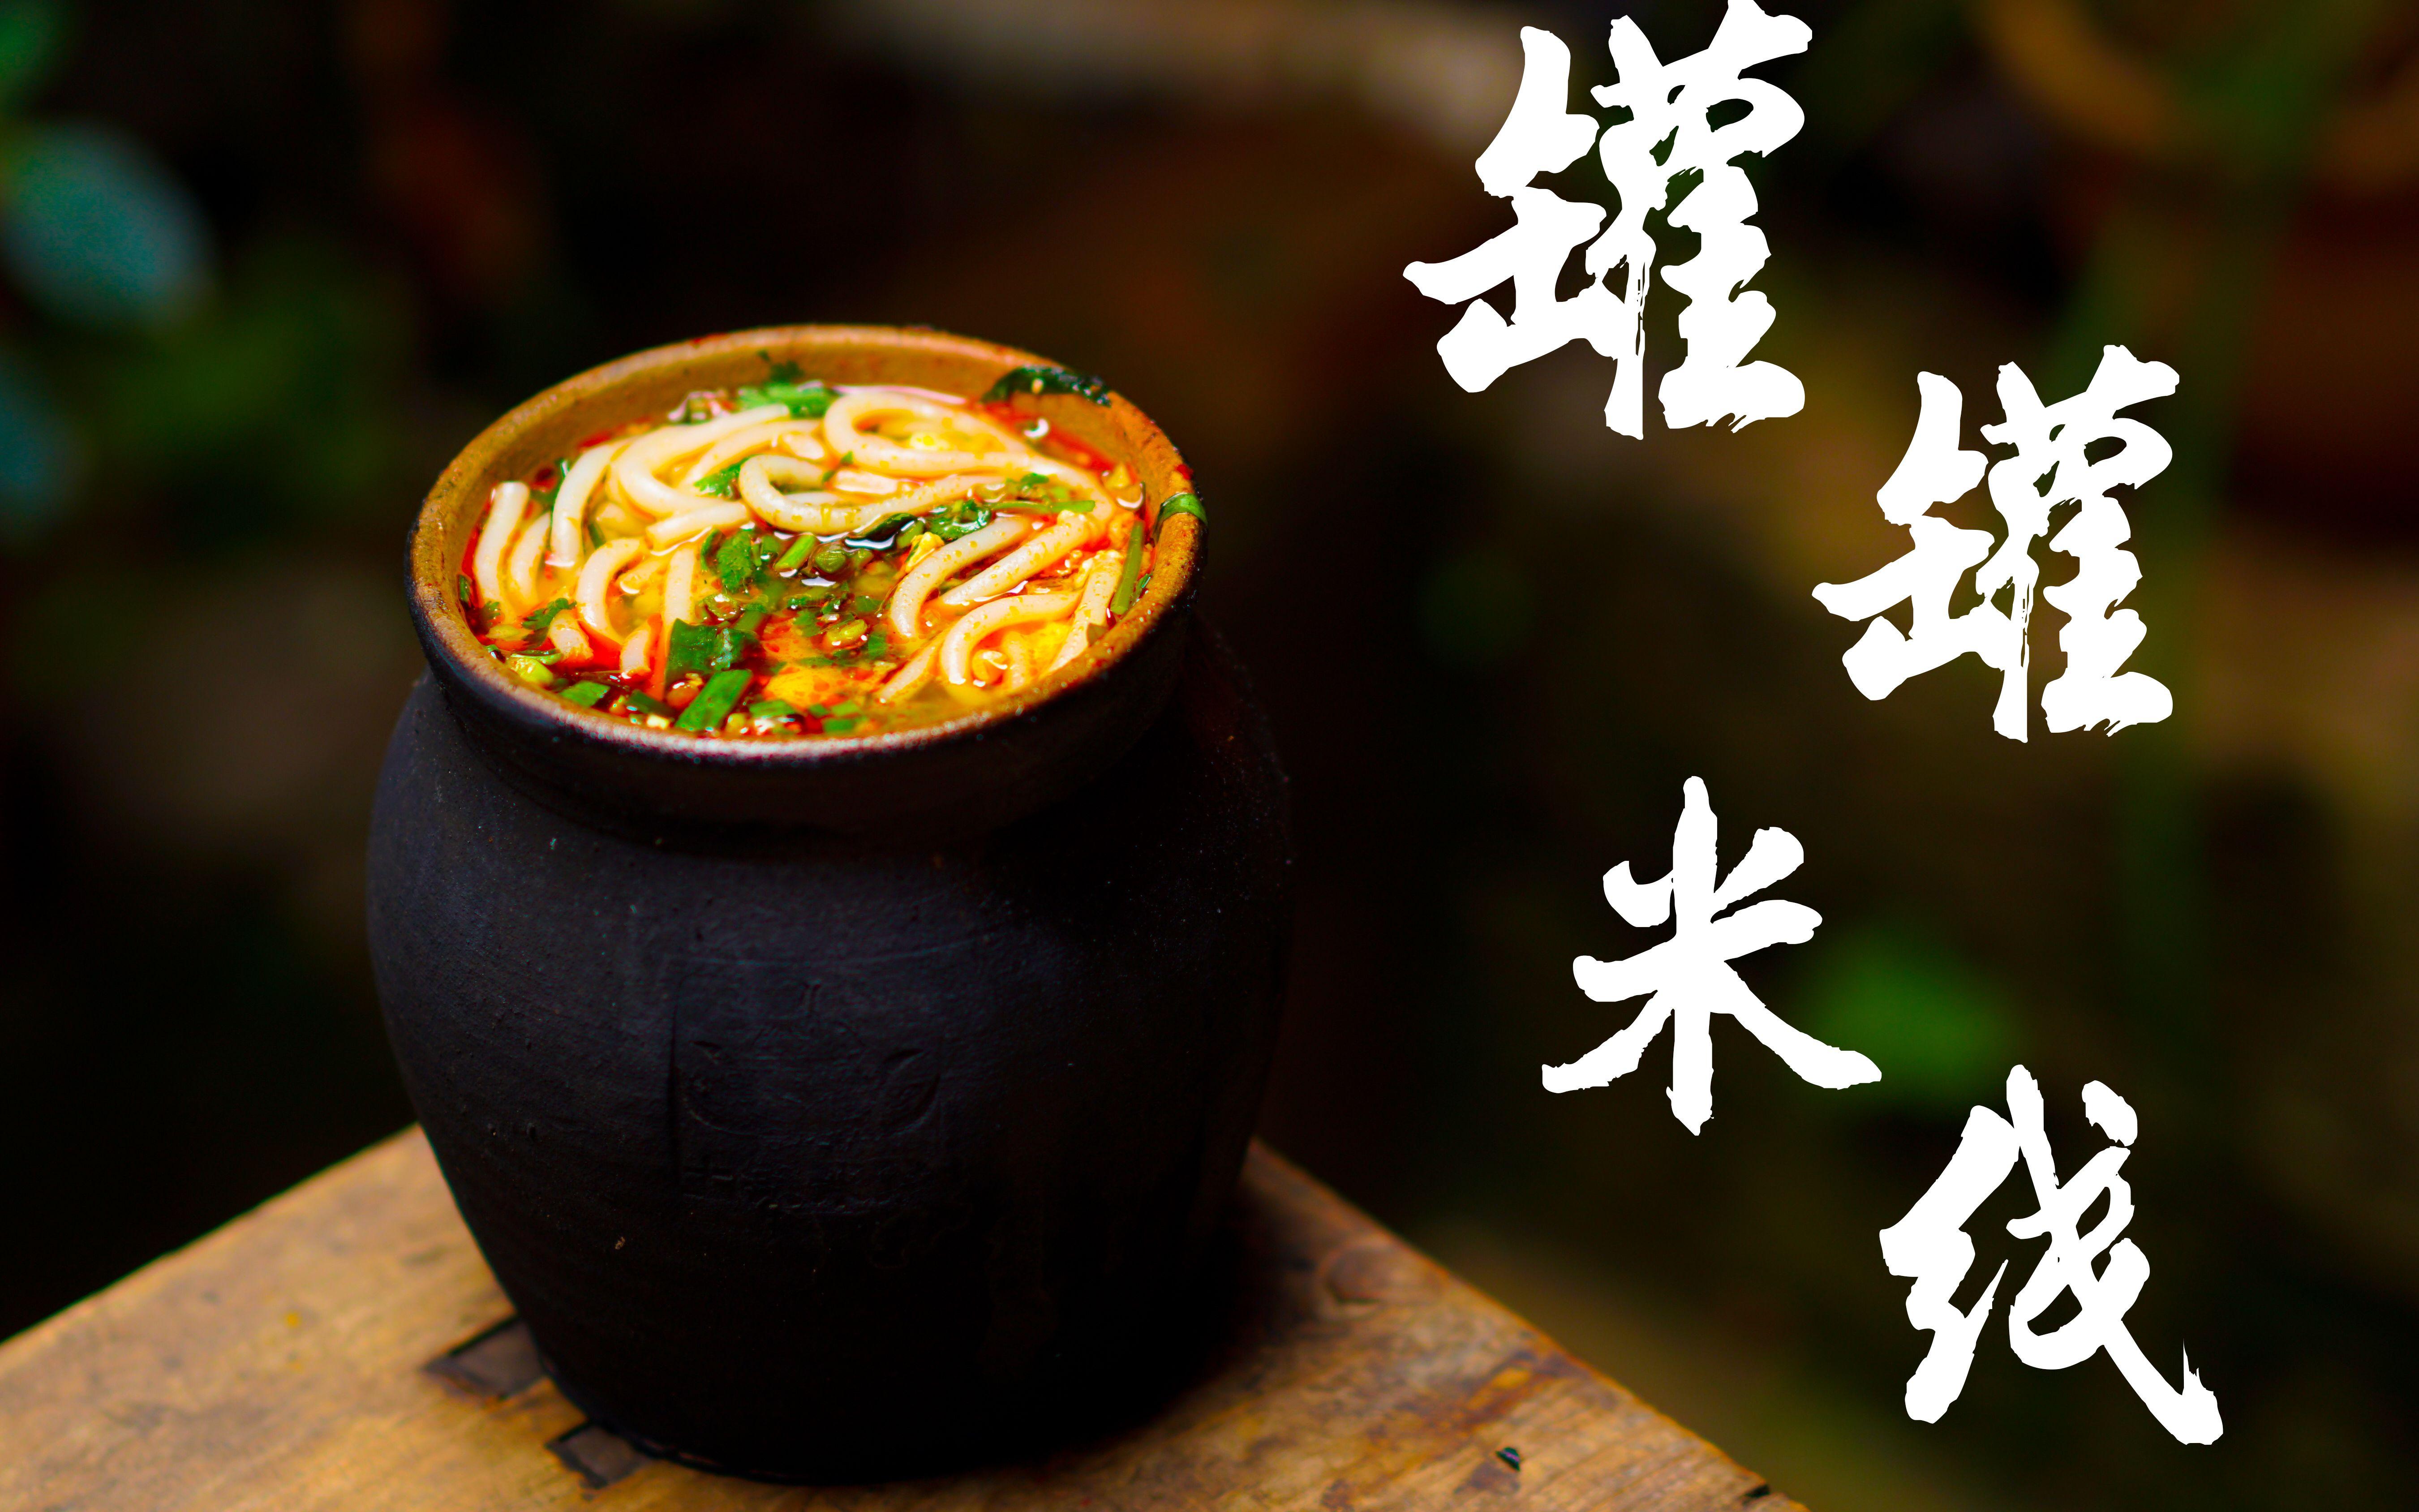 向往的美食-罐煮米线